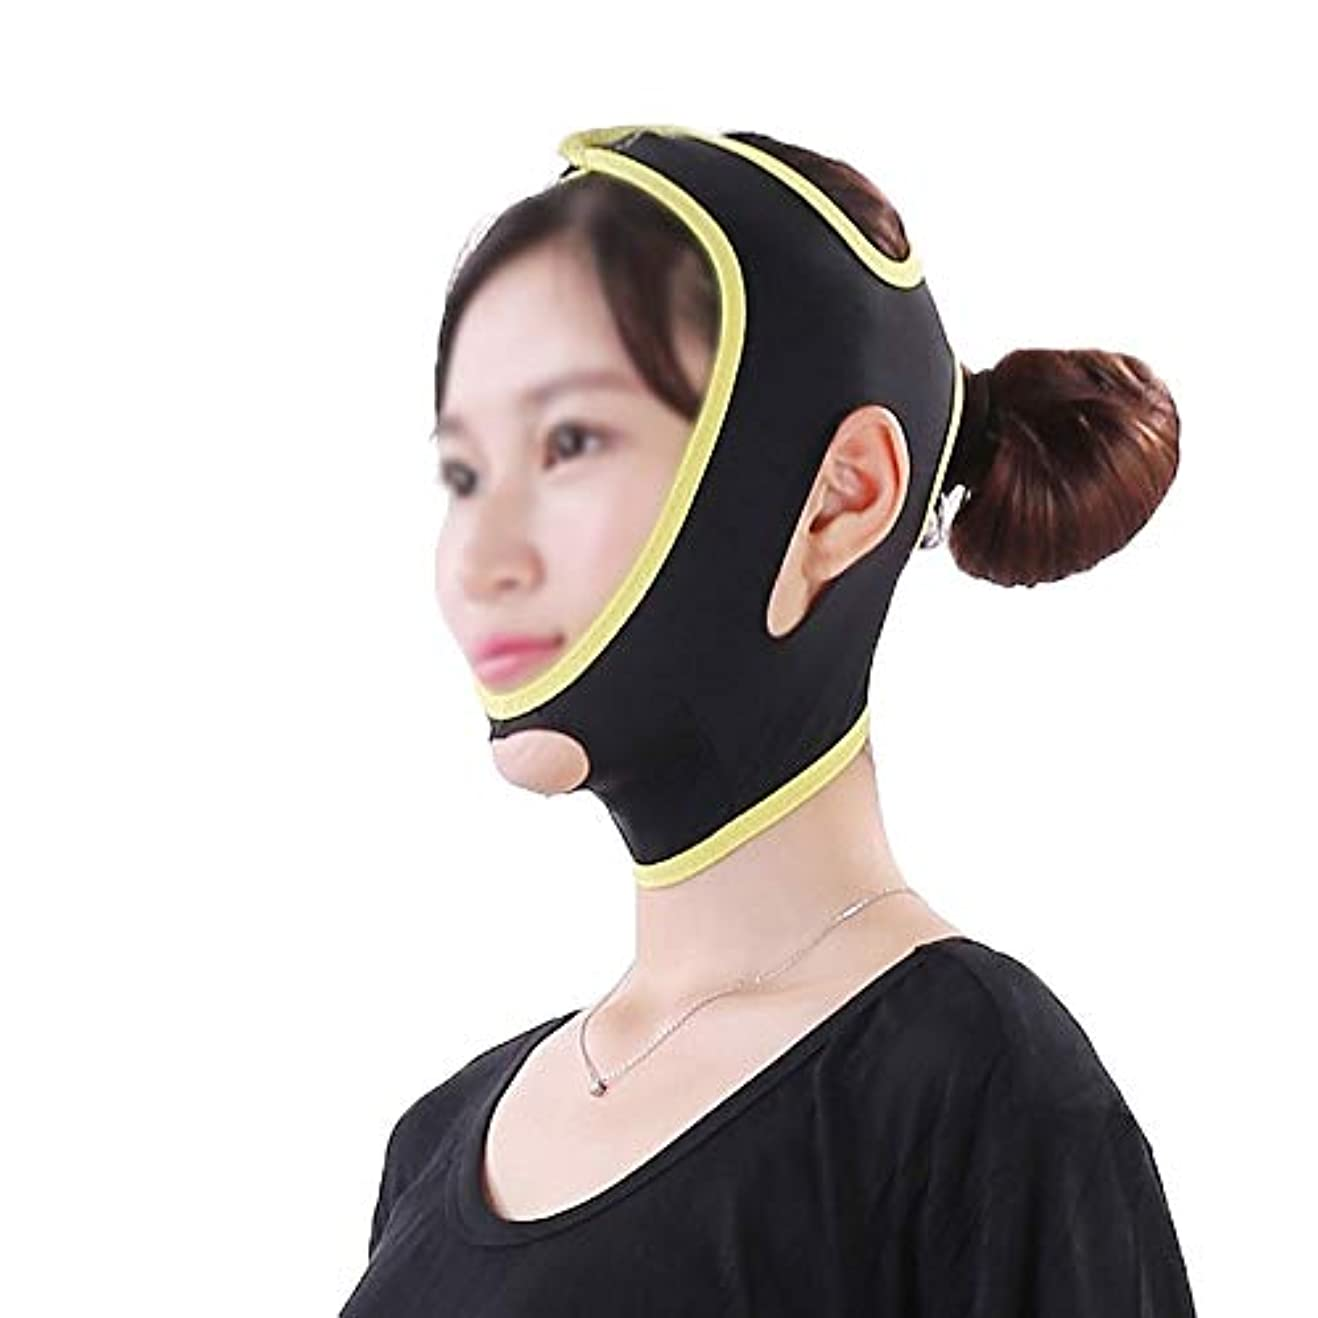 夕方慈悲熱帯のTLMY フェイス&ネックリフトシンフェイスマスクパワフルマスクフェイスリフトアーチファクトフェイスリフトフェイスツールシンフェイス包帯シンフェイスマスク美容マスク 顔用整形マスク (Size : L)